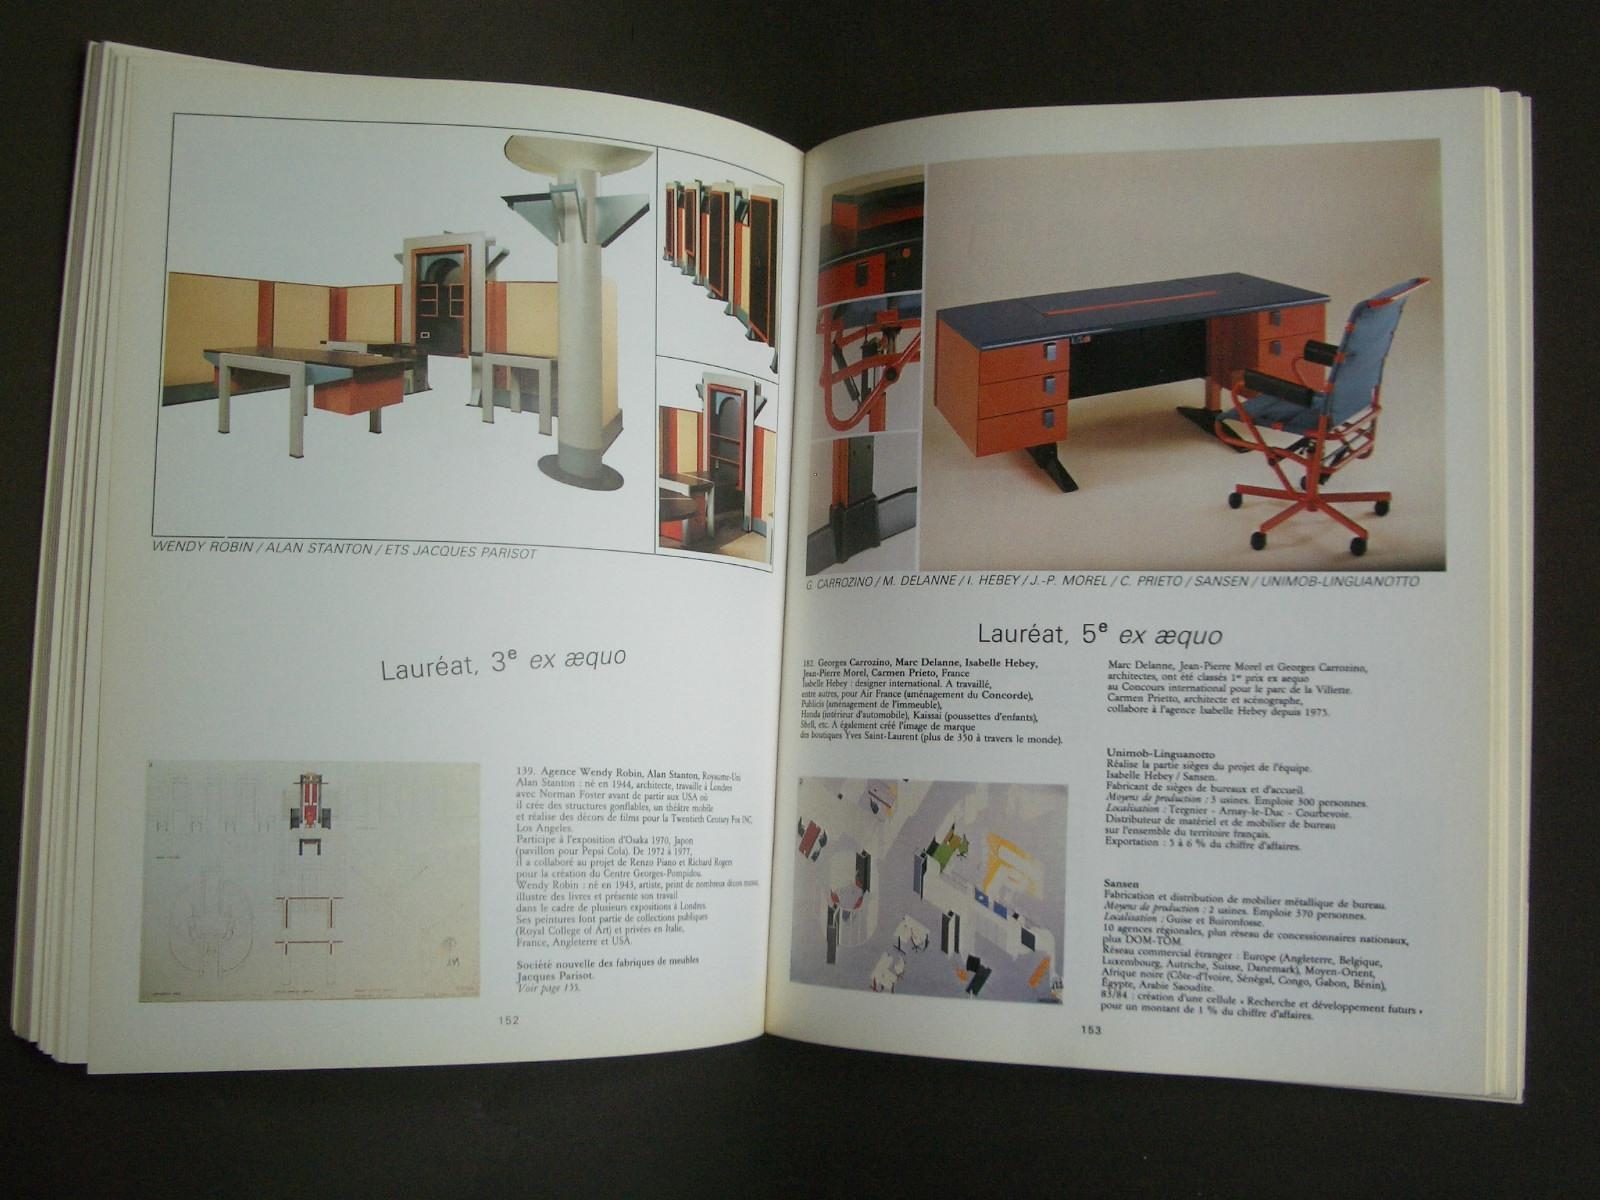 Lempire du bureau 1900 2000 by grunfeld jean françois; marie laure